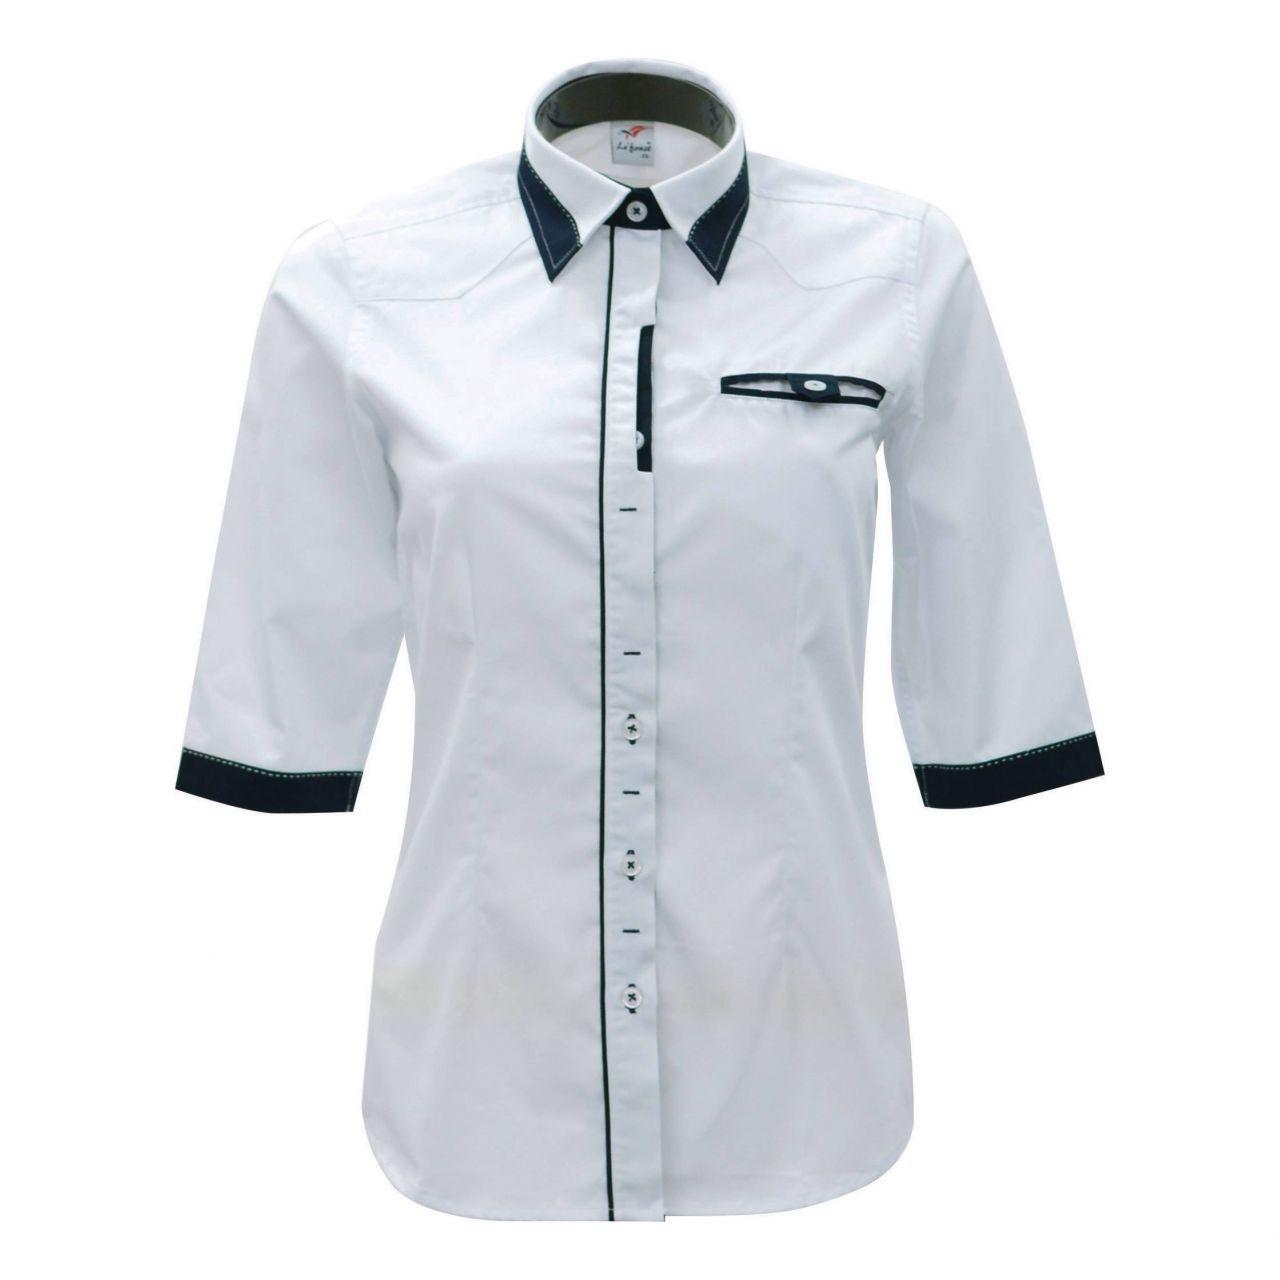 Đồng phục sơ mi tay lỡ màu trắng phối đen